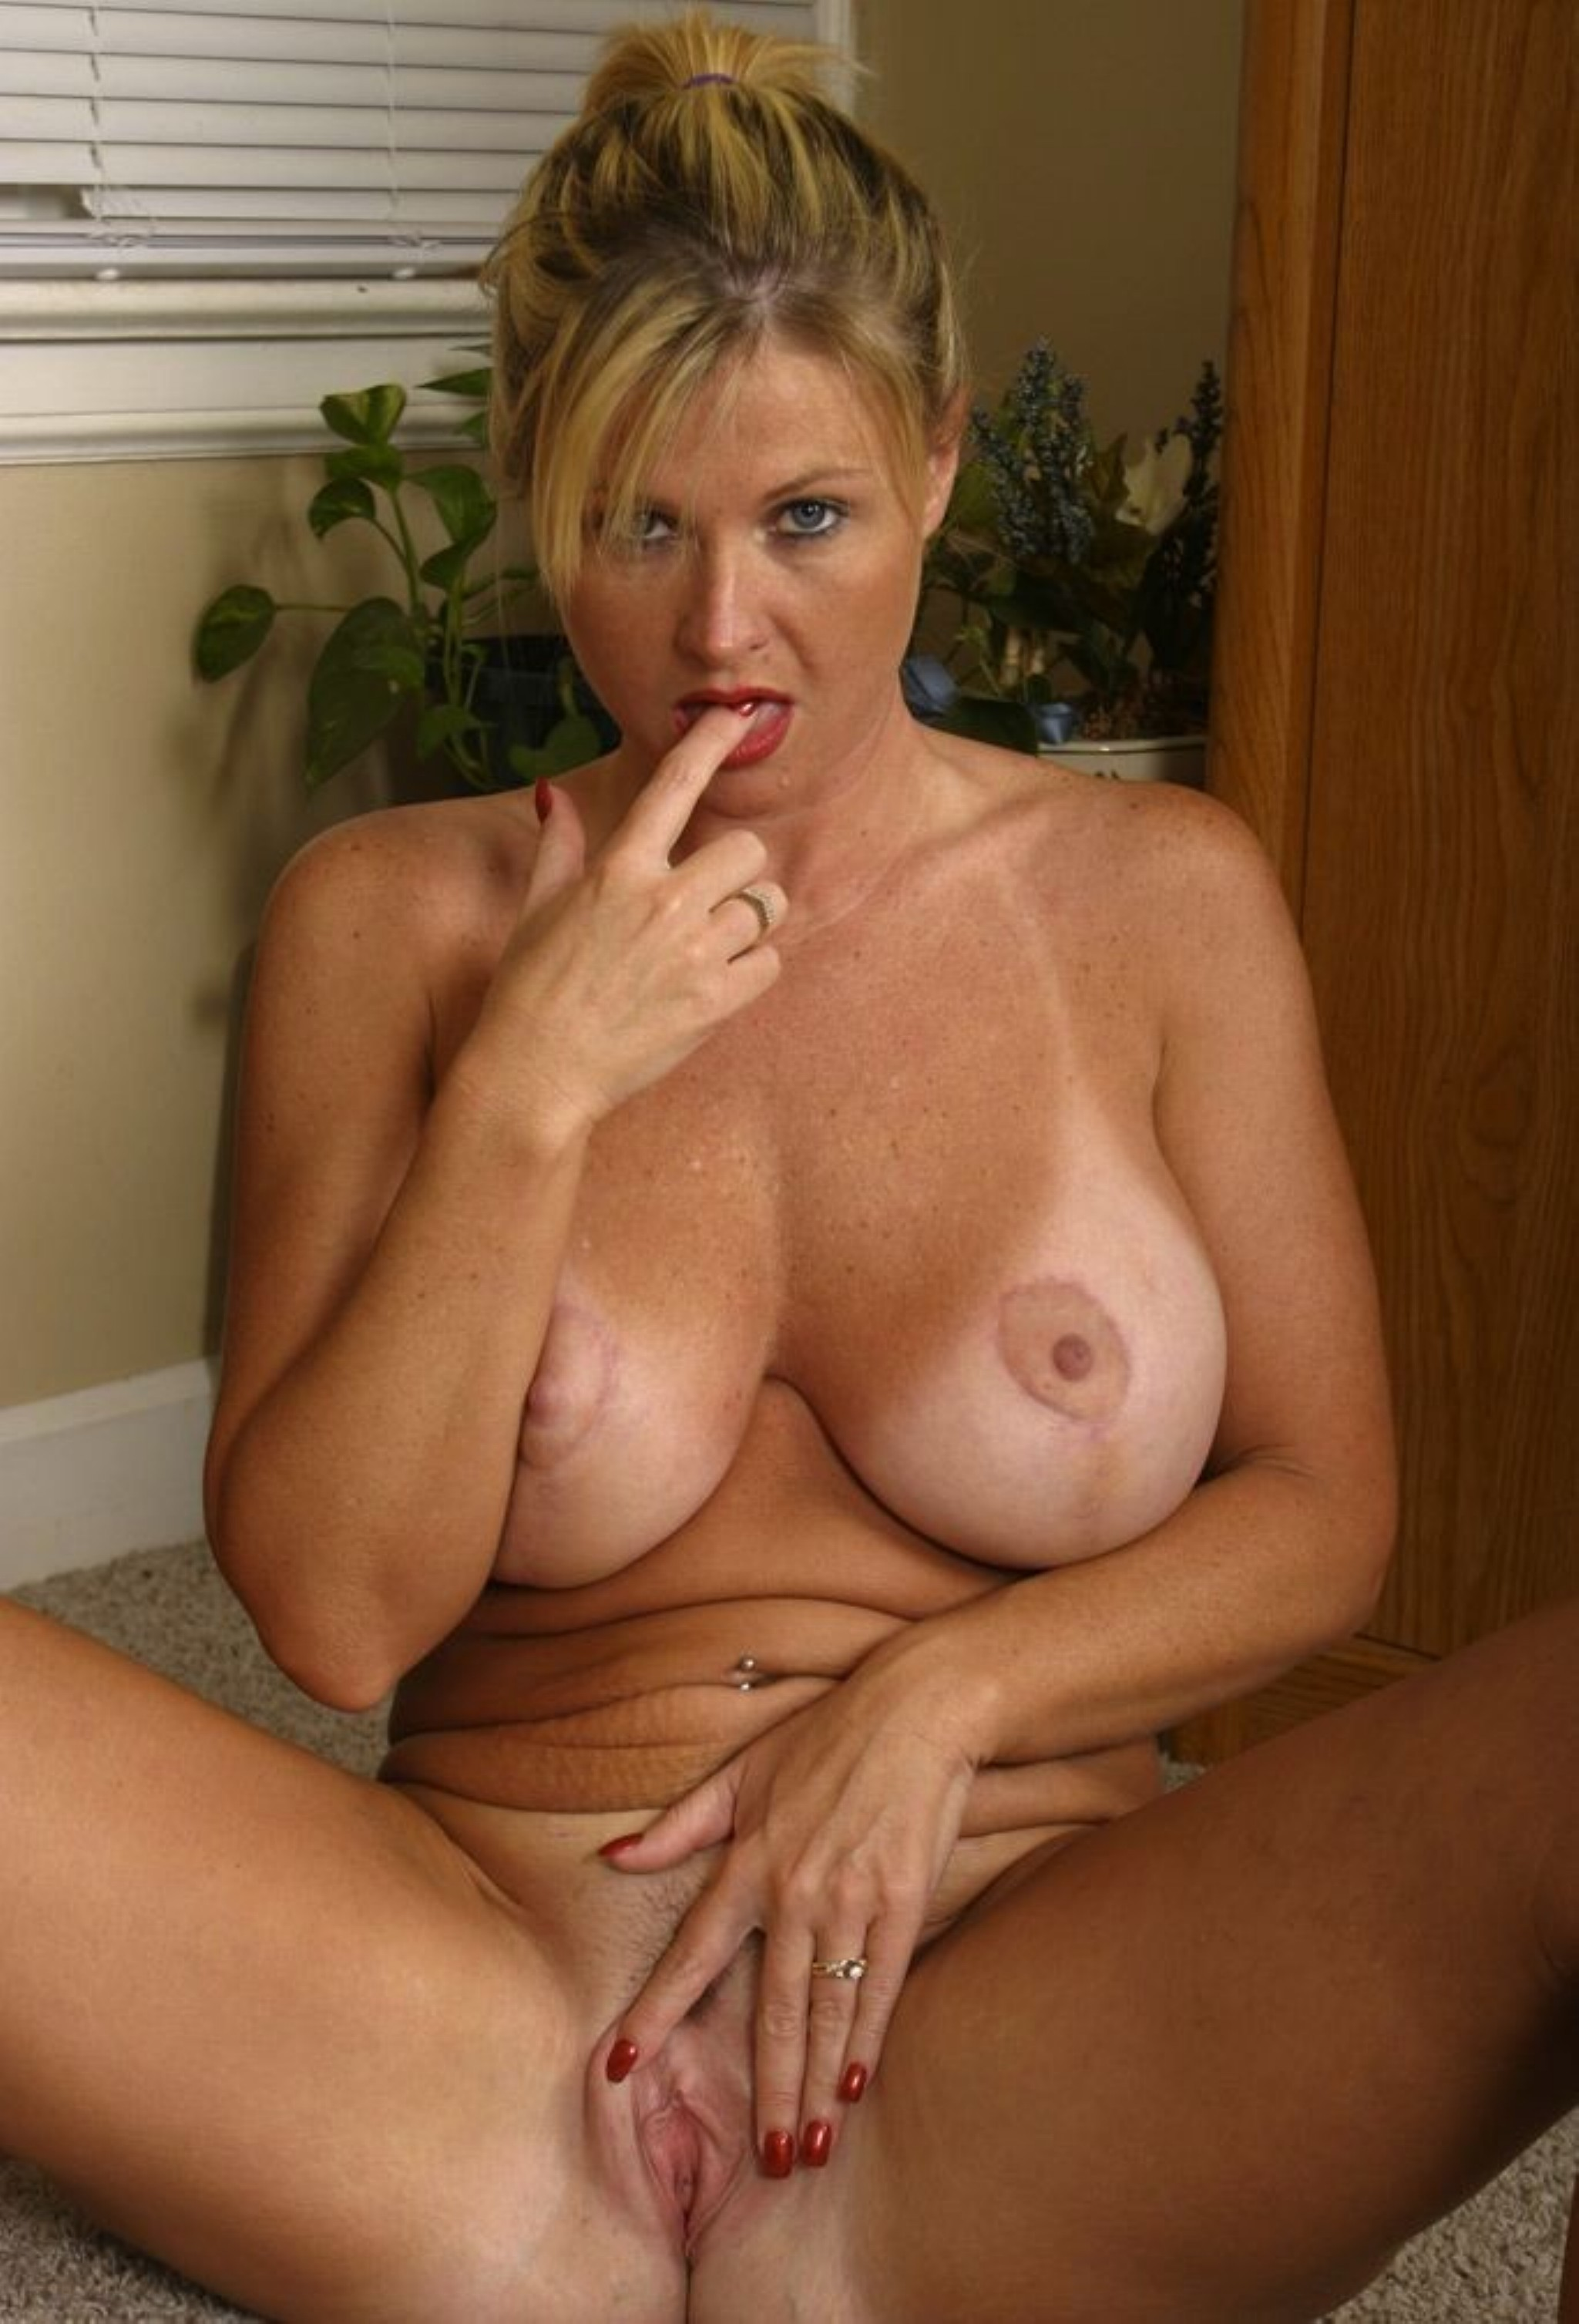 Подборка голых женских вагин крупным планом секс фото и порно фото